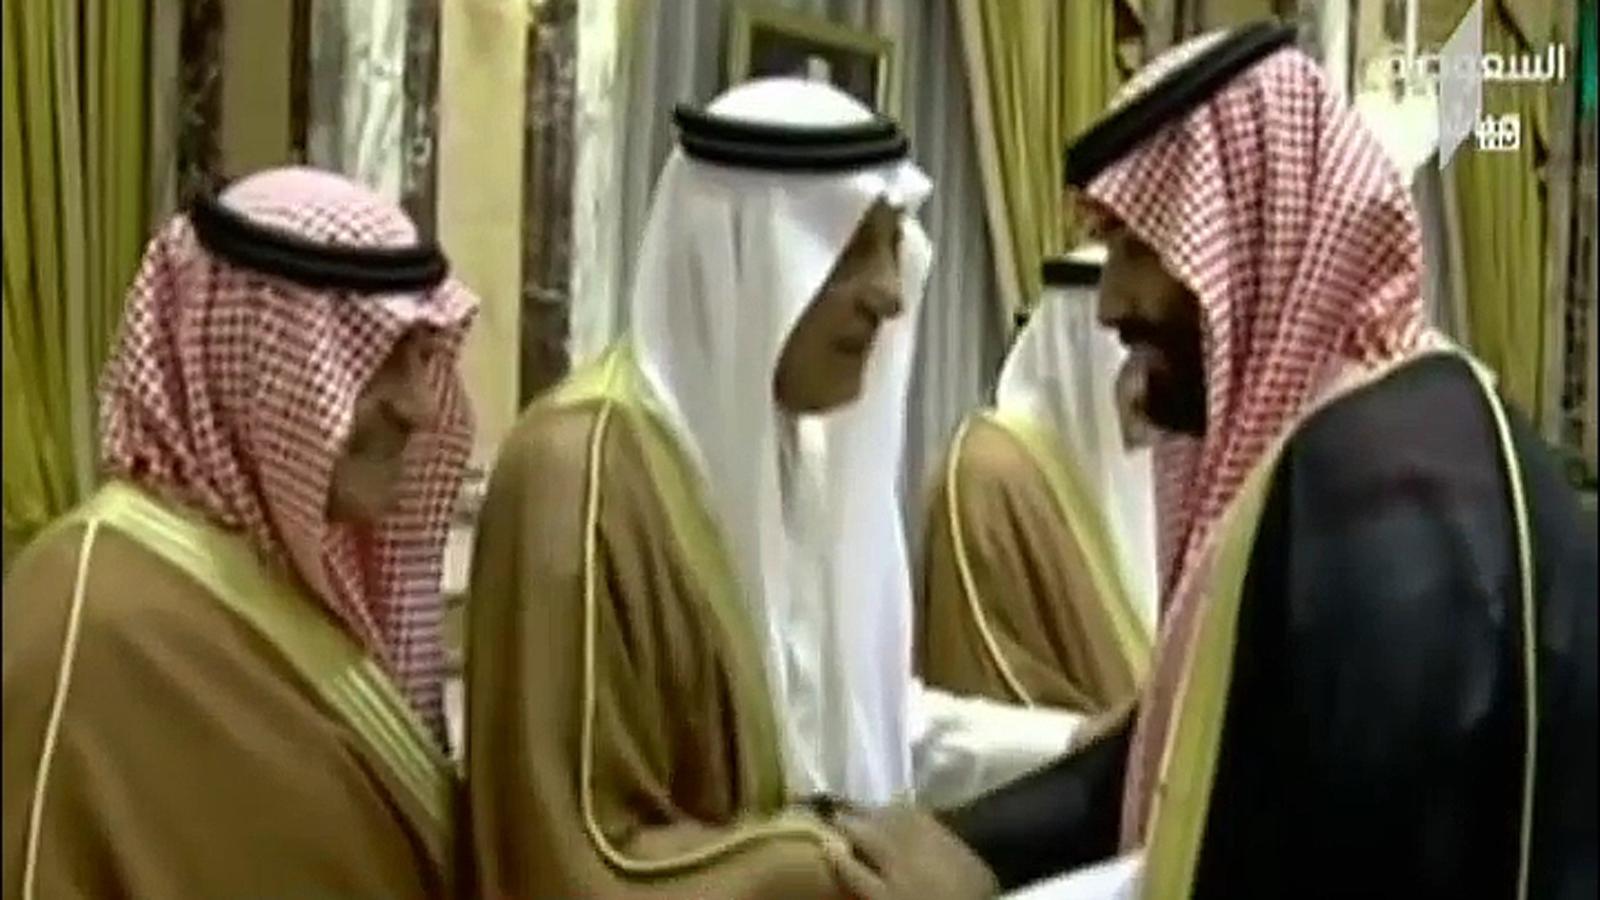 საკადრო წმენდა საუდის არაბეთში - 11 პრინცი კორუფციის ბრალდებით დააკავეს